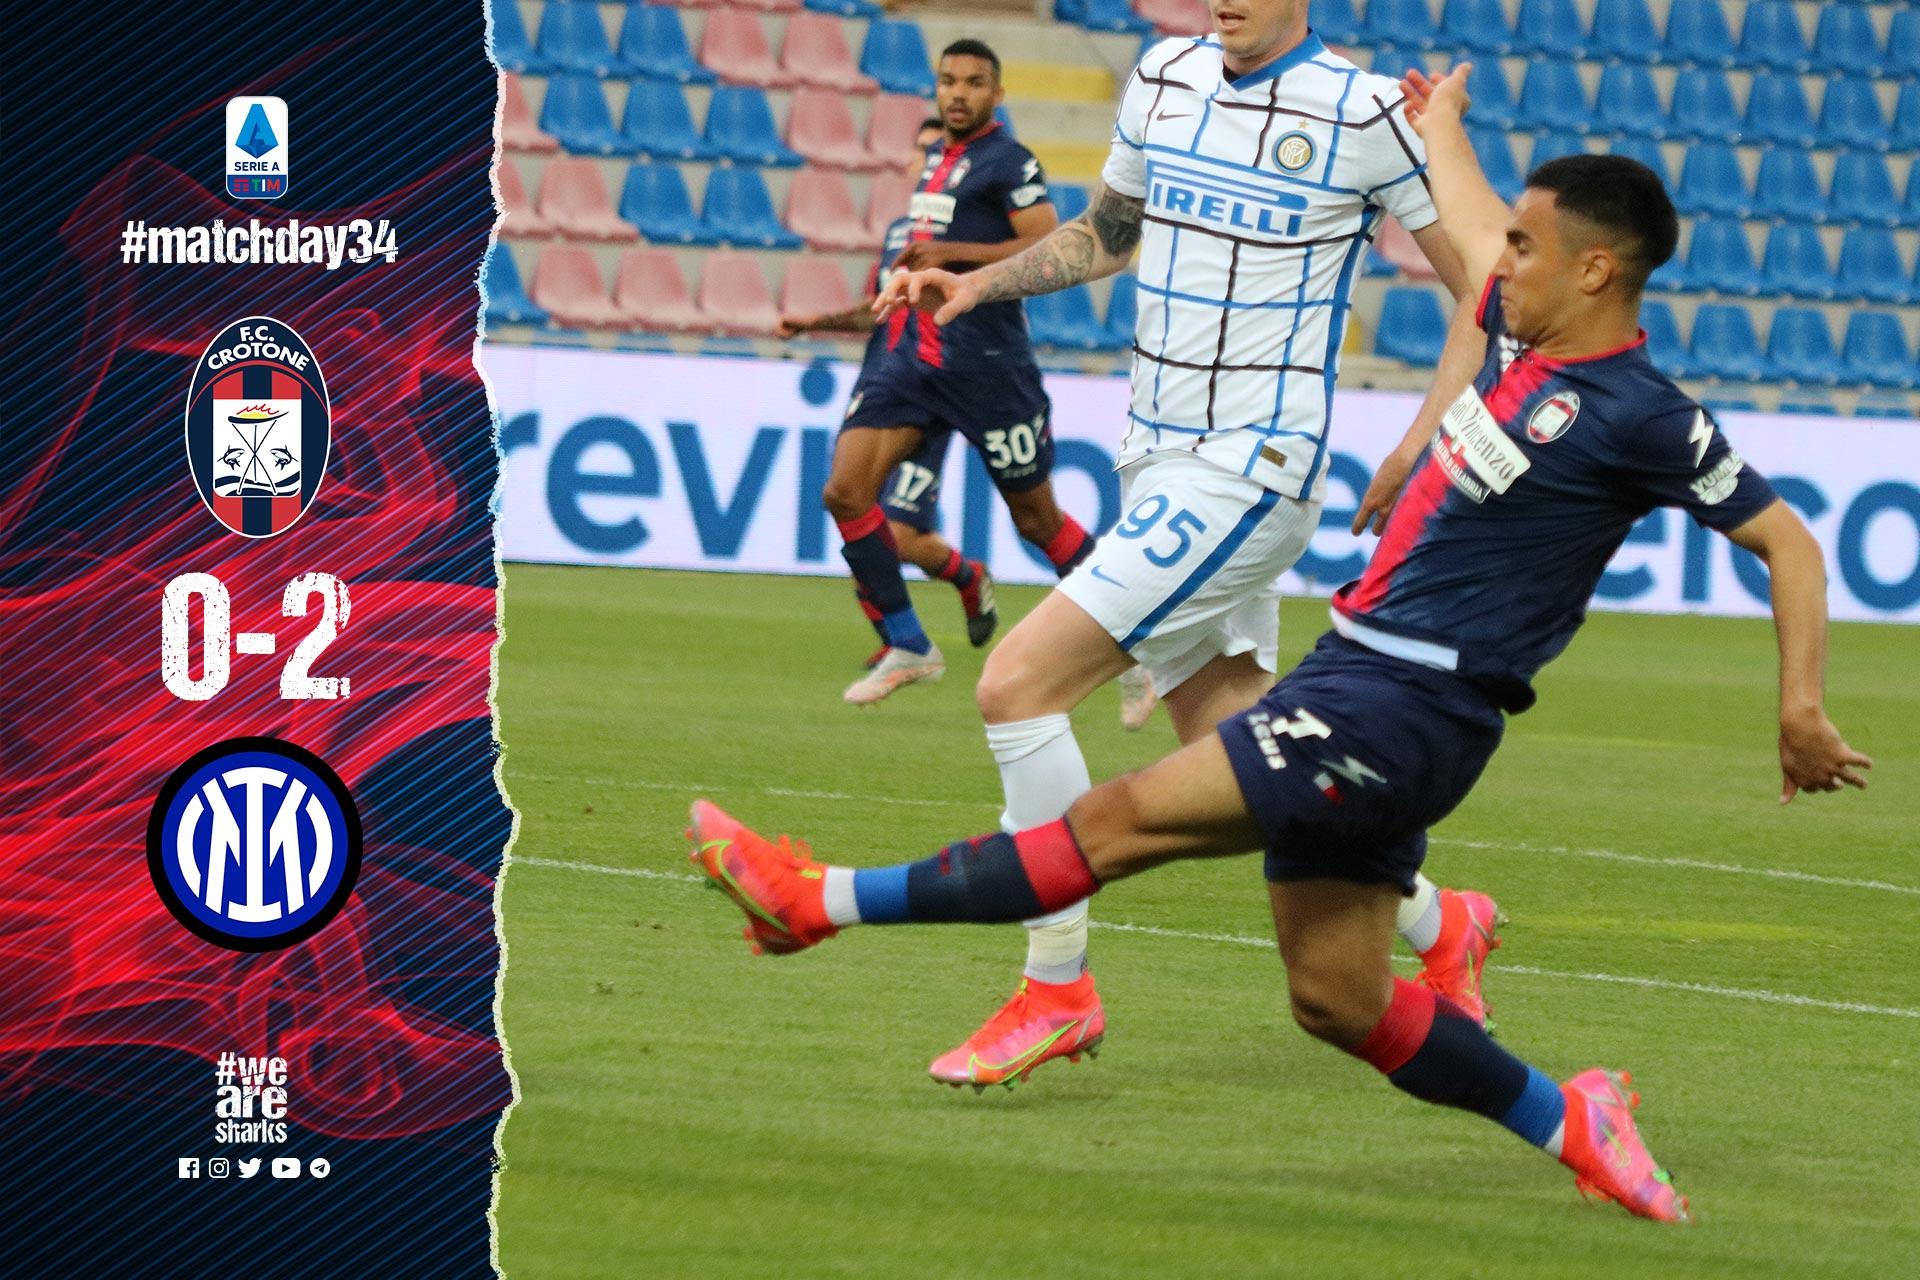 Serie A Tim, 34ª giornata: Crotone-Inter 0-2